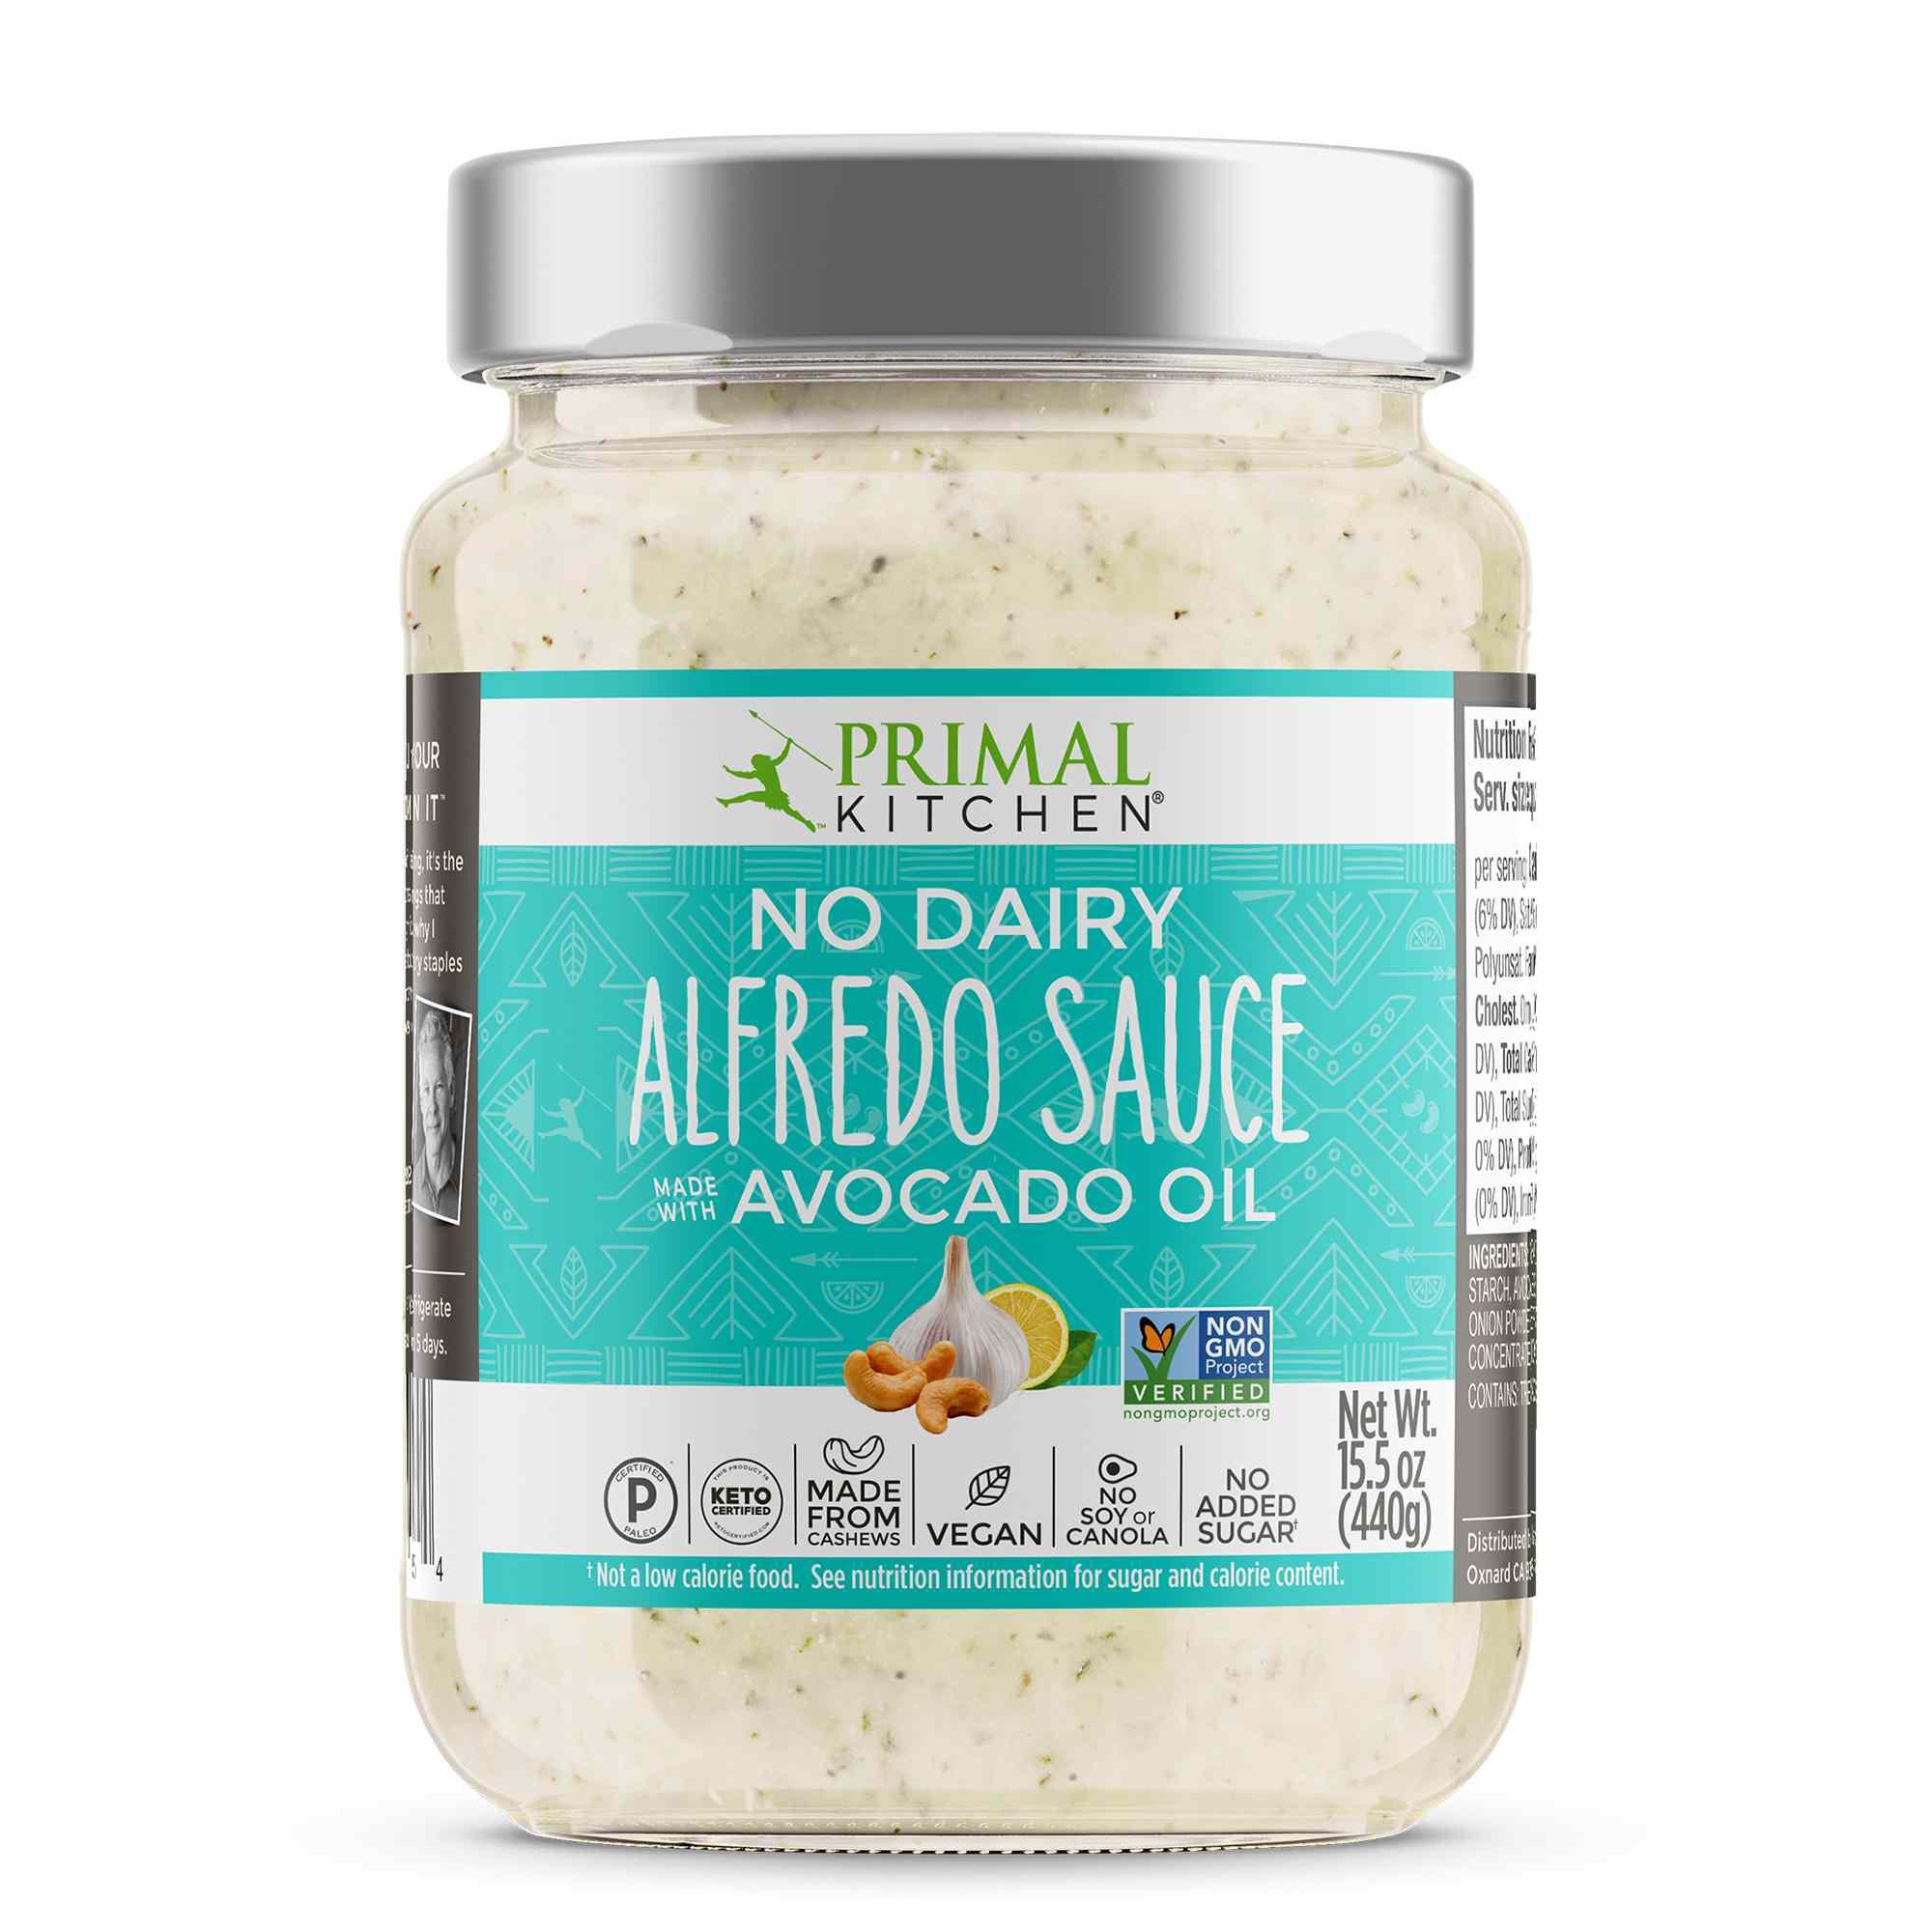 primal kitchen alfredo sauce